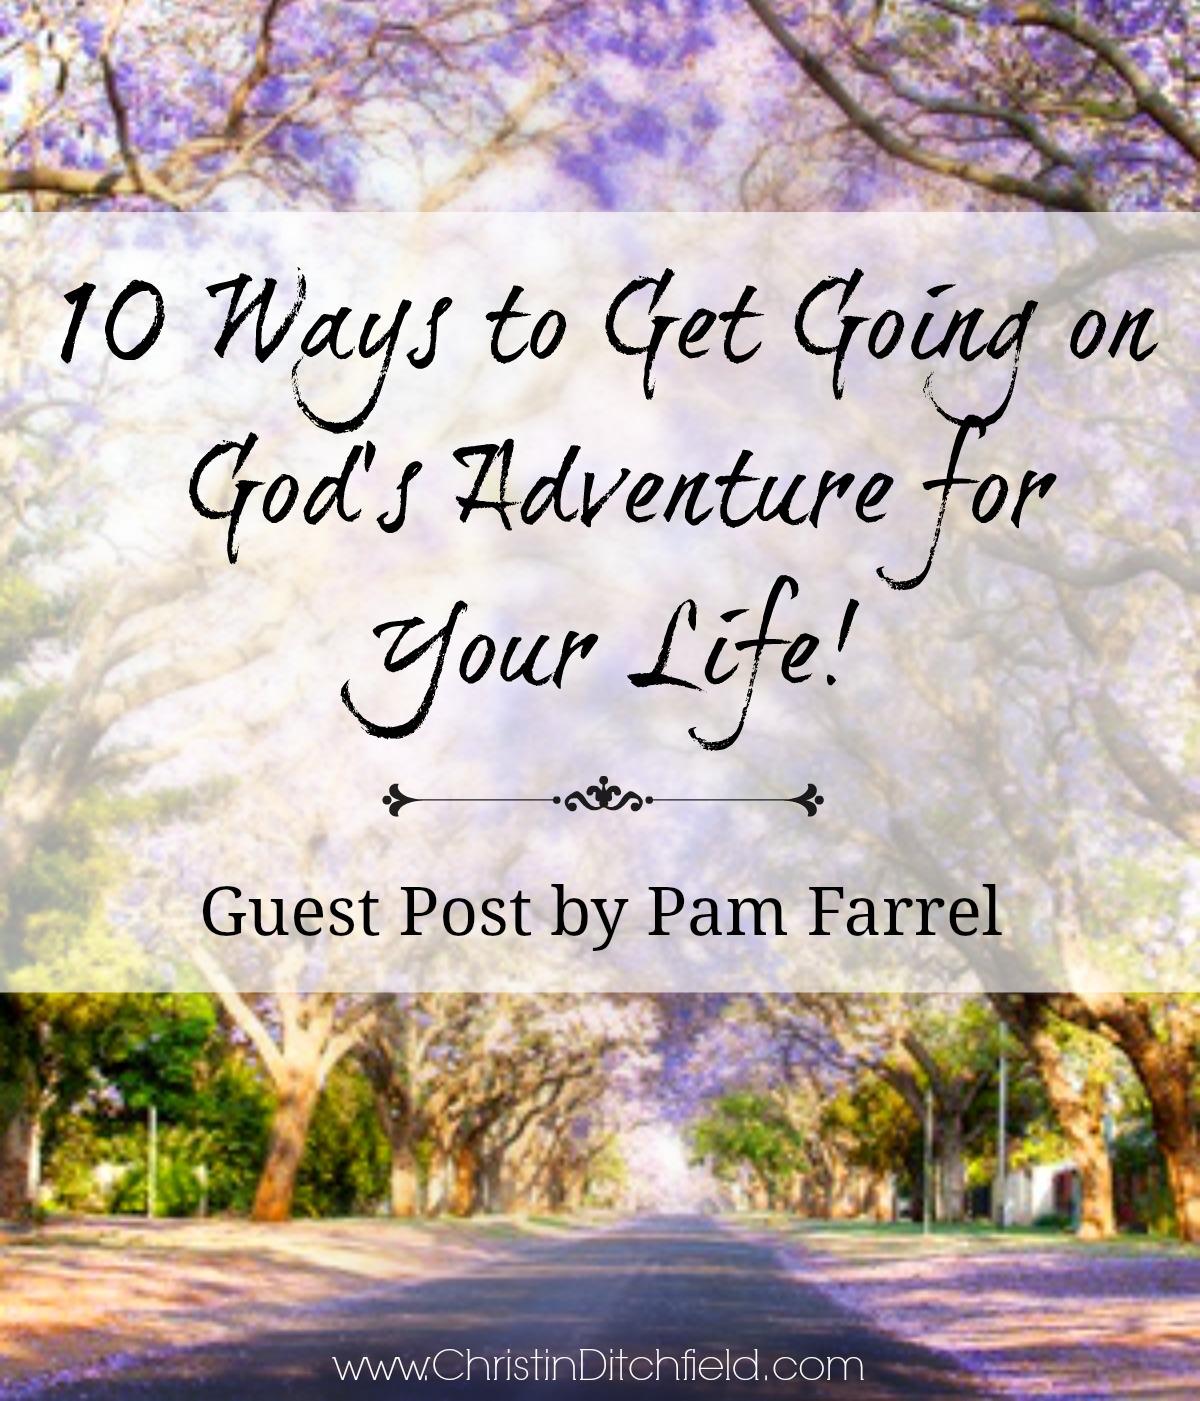 Ten Ways to Get Going